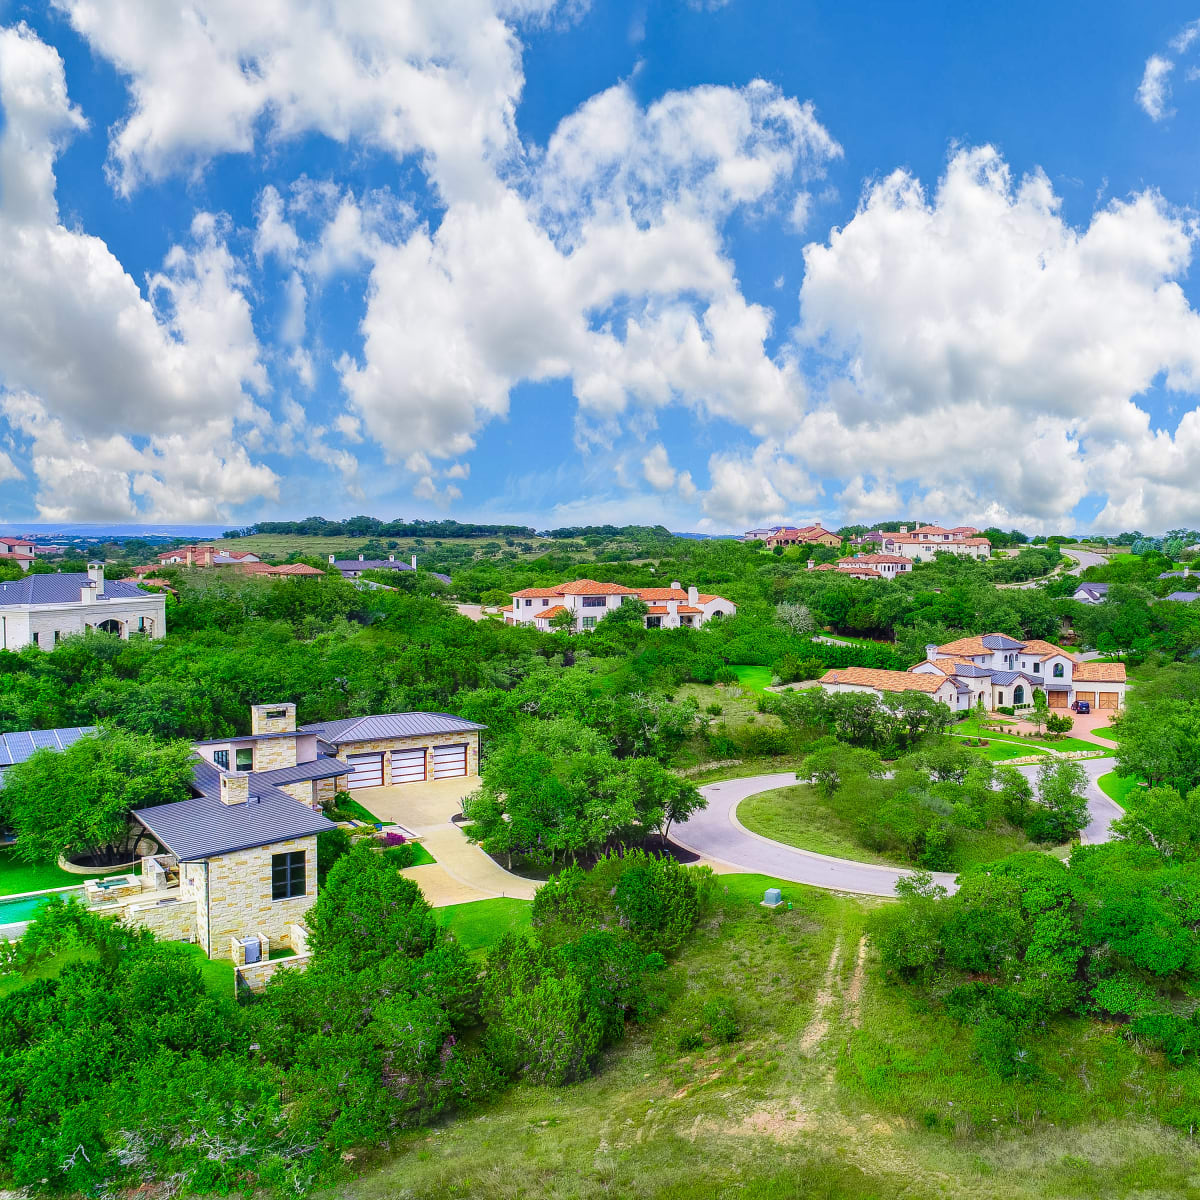 Austin house_12117 Rayner Place